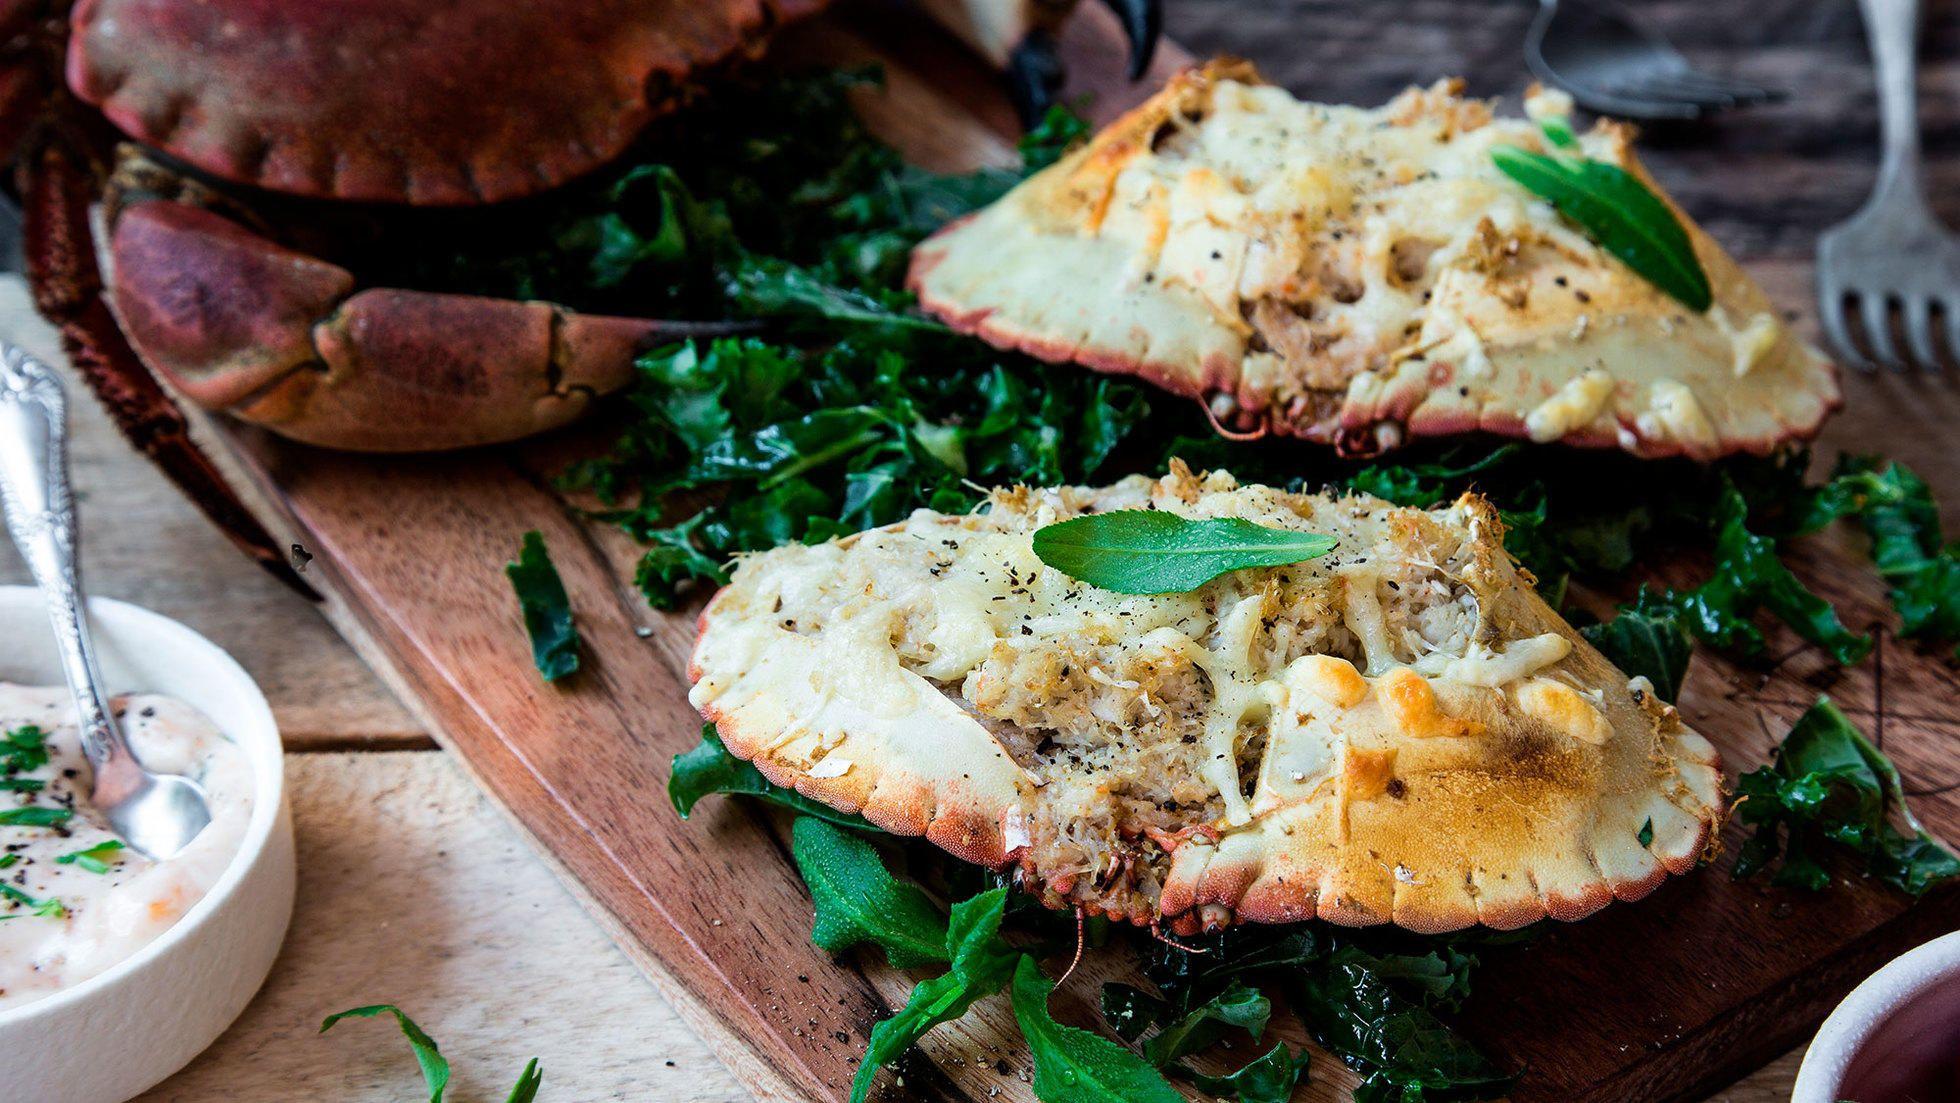 Gratinert krabbeskjell er en klassisk måte å tilberede krabben på når du ønsker en variasjon til naturell krabbe. Denne oppskriften er enkel og veldig god!